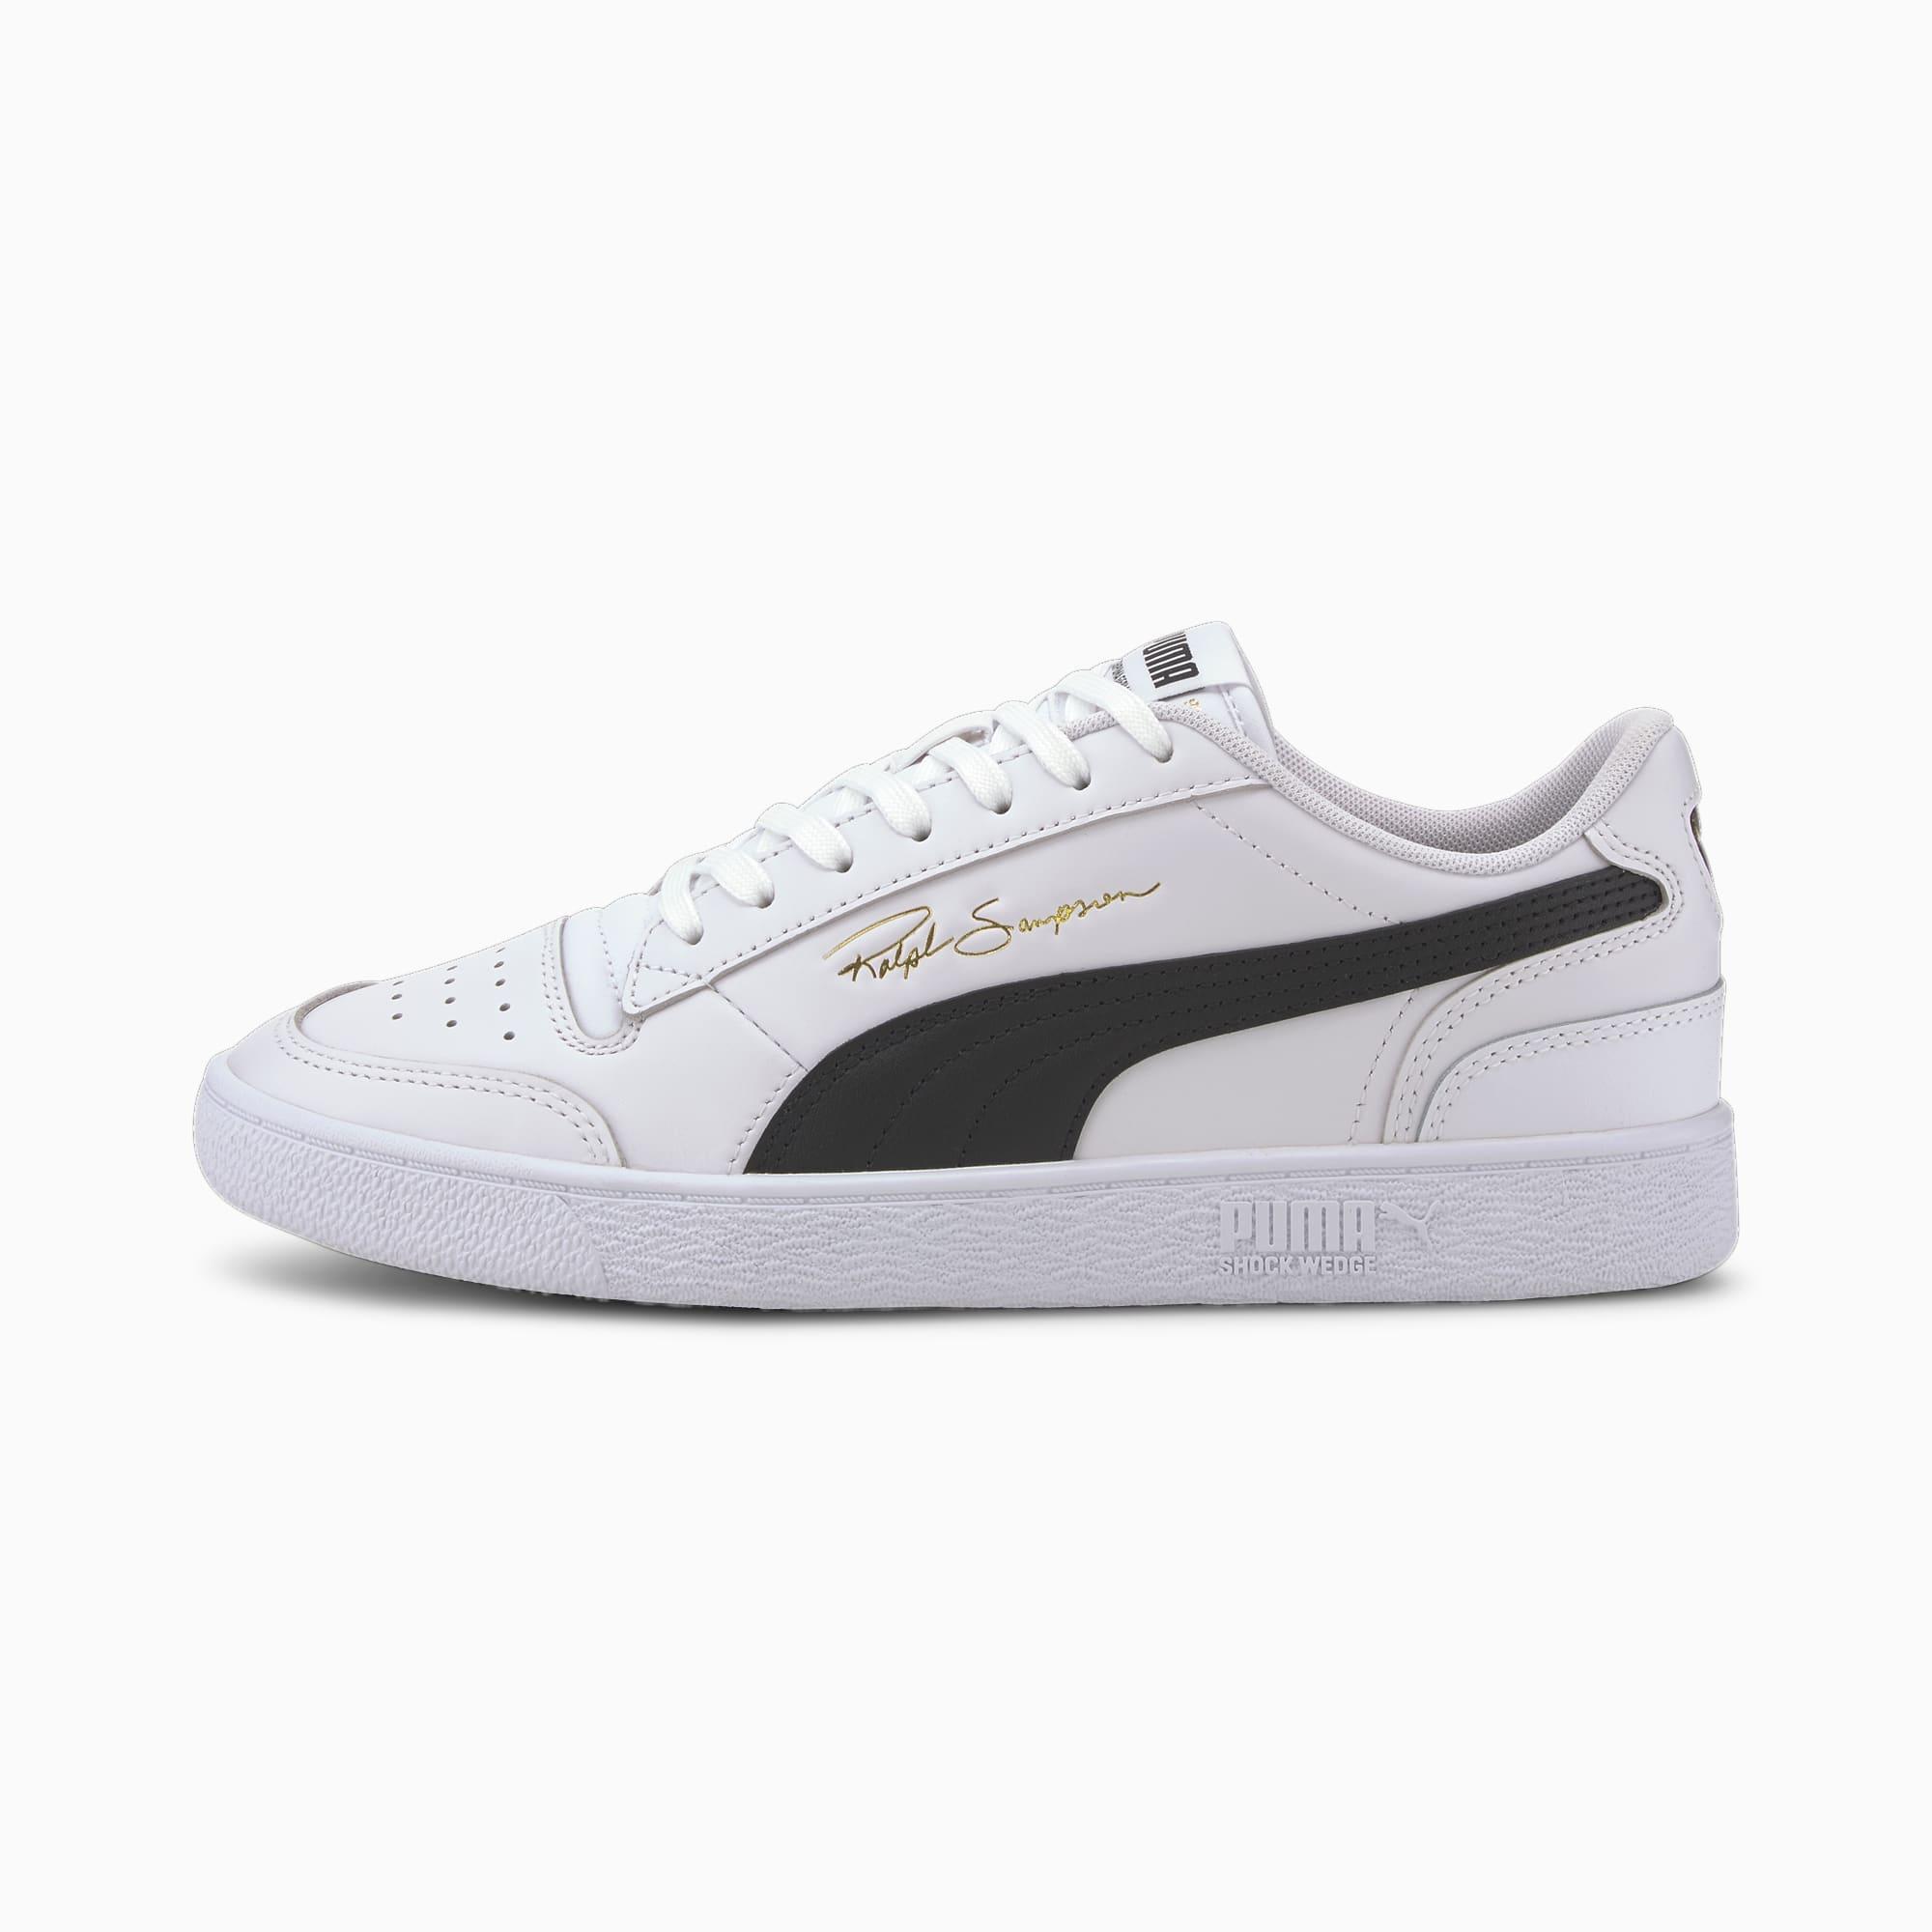 PUMA x Ralph Sampson Lo Sneaker Schuhe | Mit Aucun | Weiß/Schwarz | Größe: 39